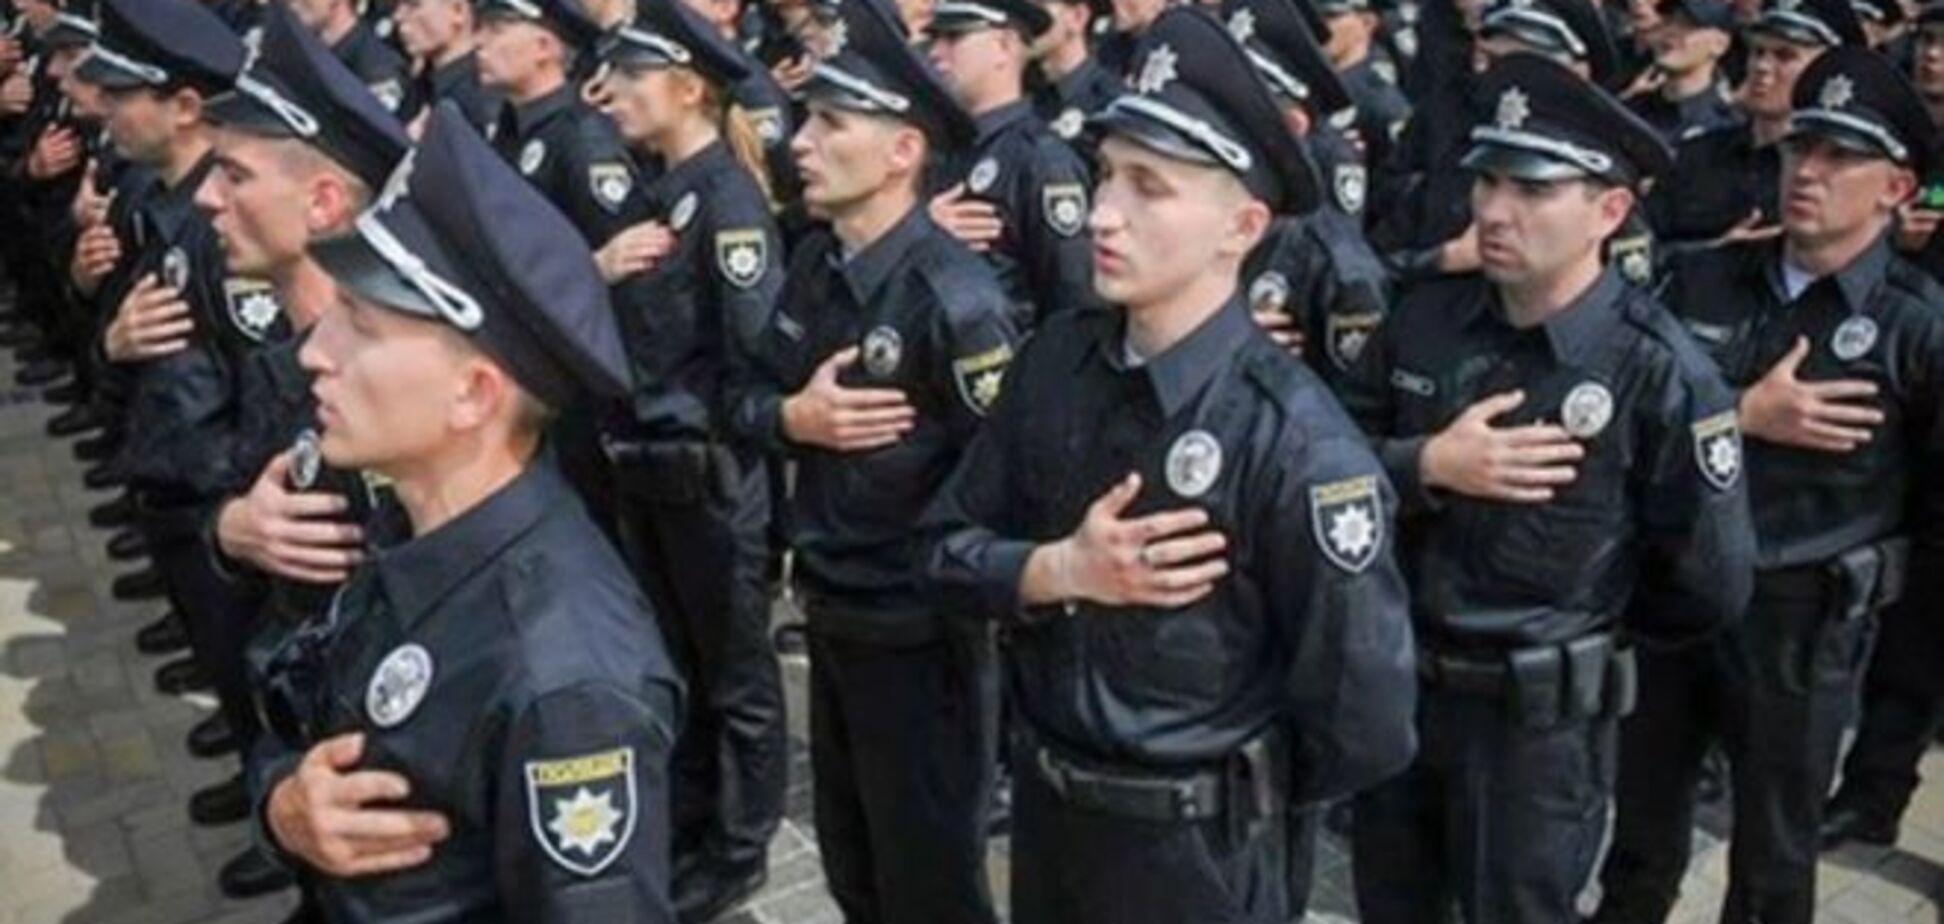 От так заміна: у Дніпропетровську в поліцію йдуть продавці і фокусники